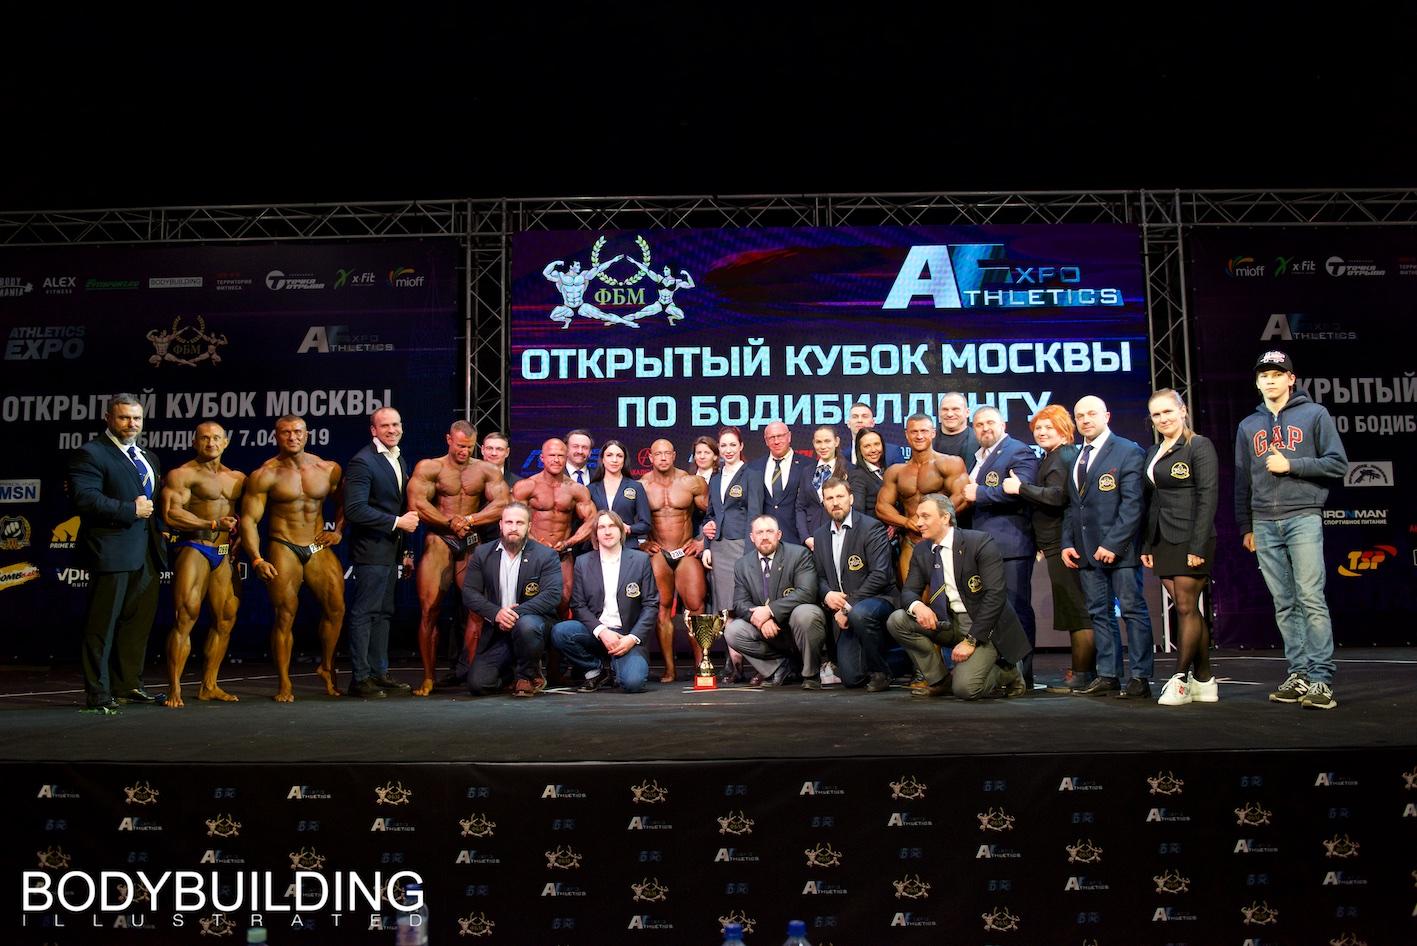 Результаты Кубка Москвы по бодибилдингу 2019.